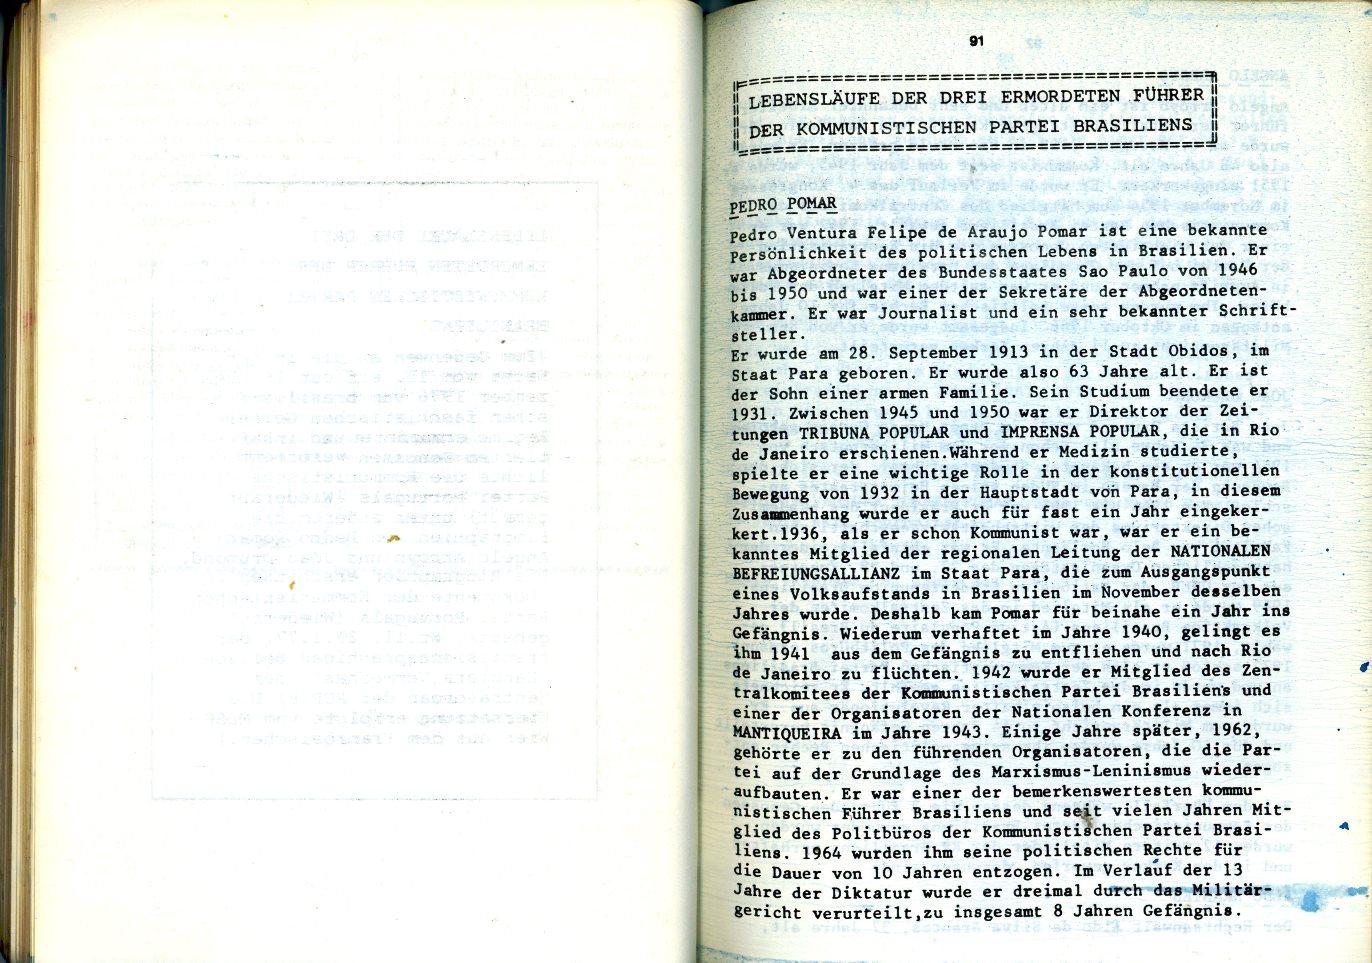 MLSK_Theorie_und_Praxis_des_ML_1978_20_54